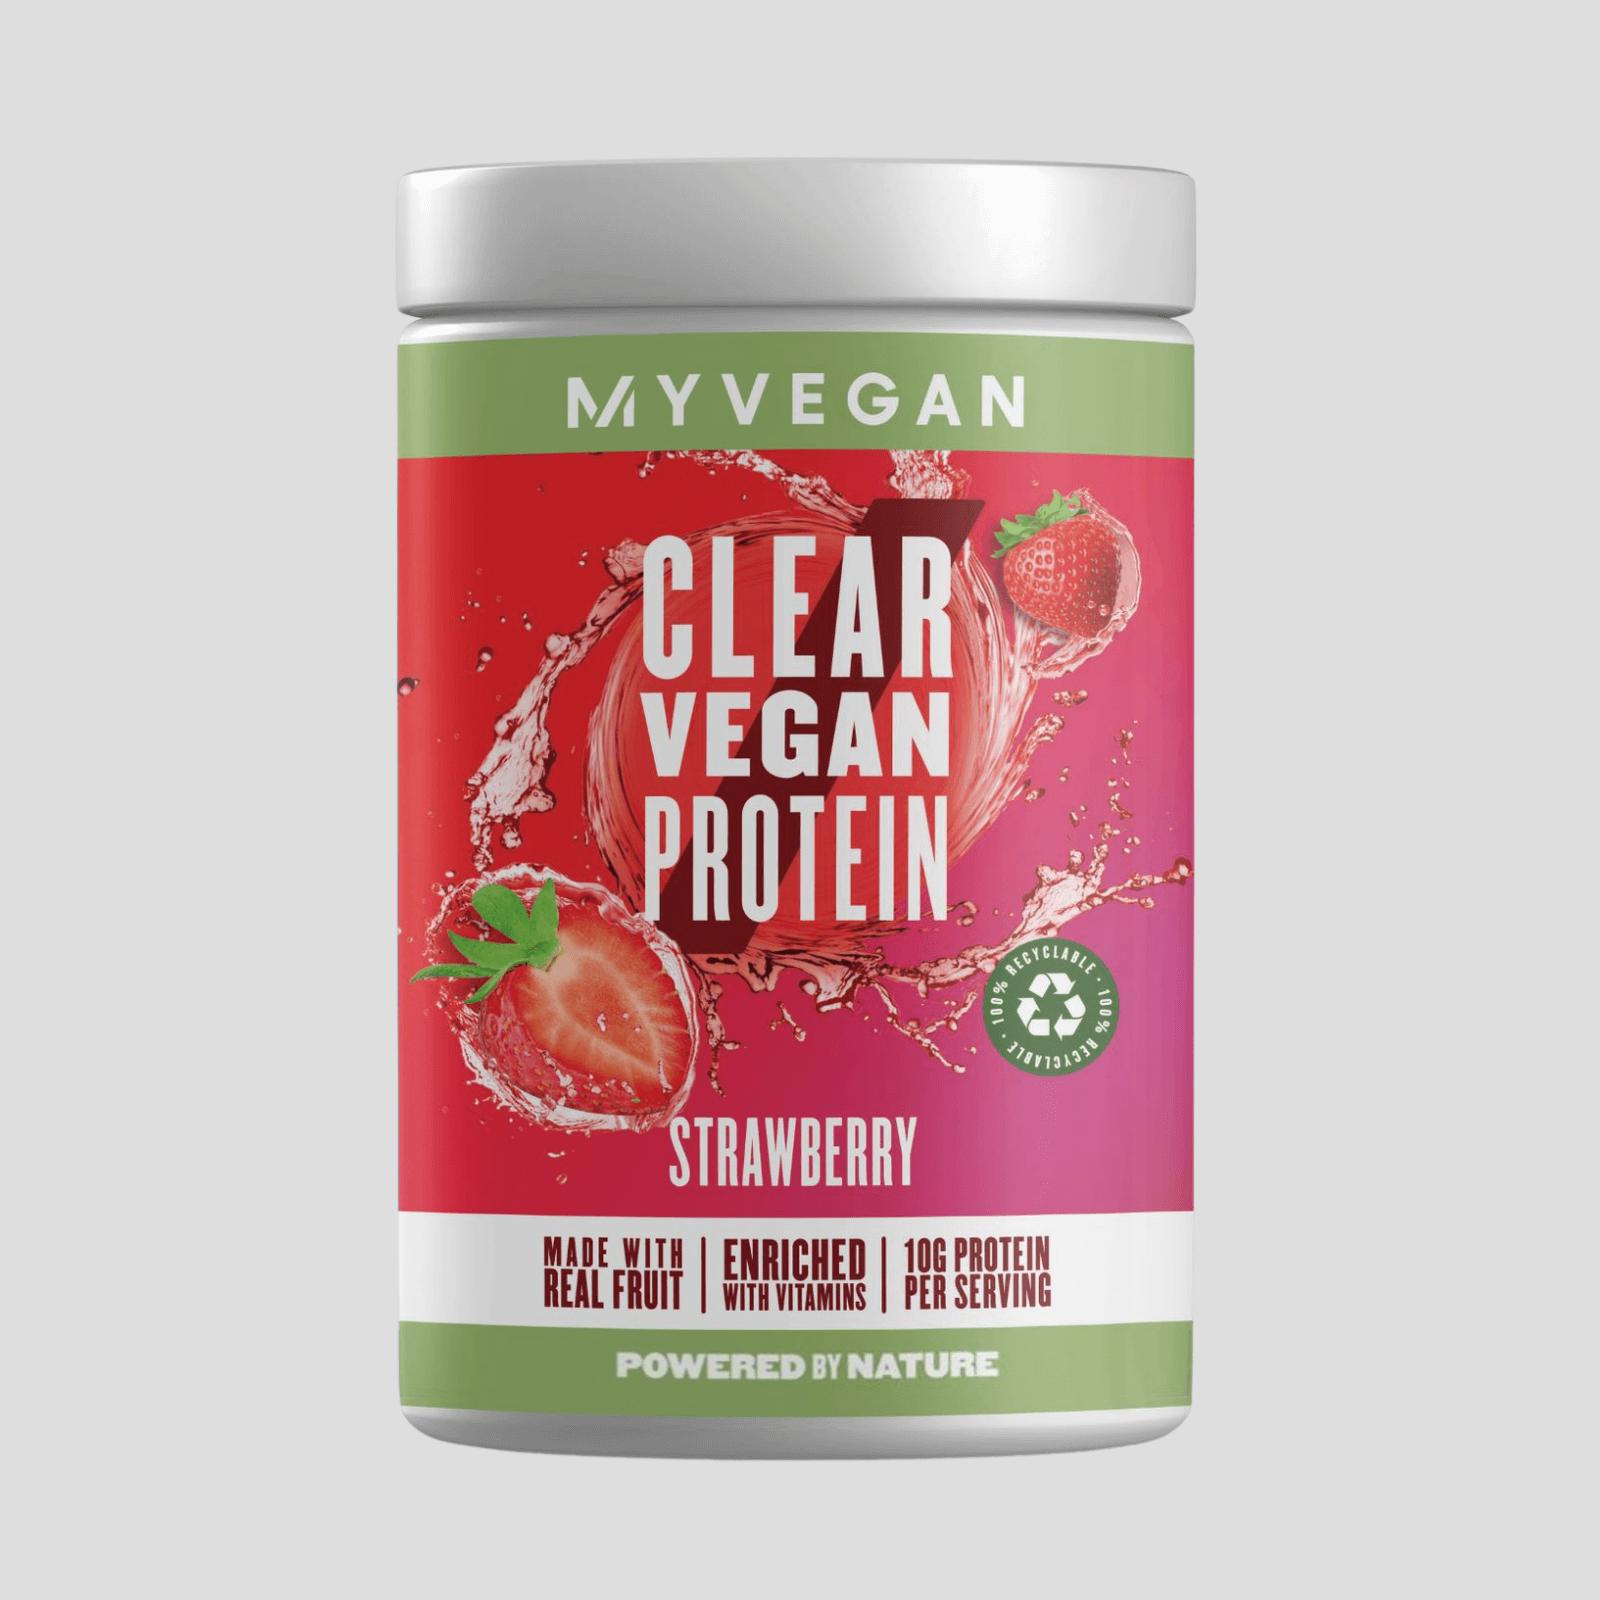 Proteine vegane dal gusto migliore